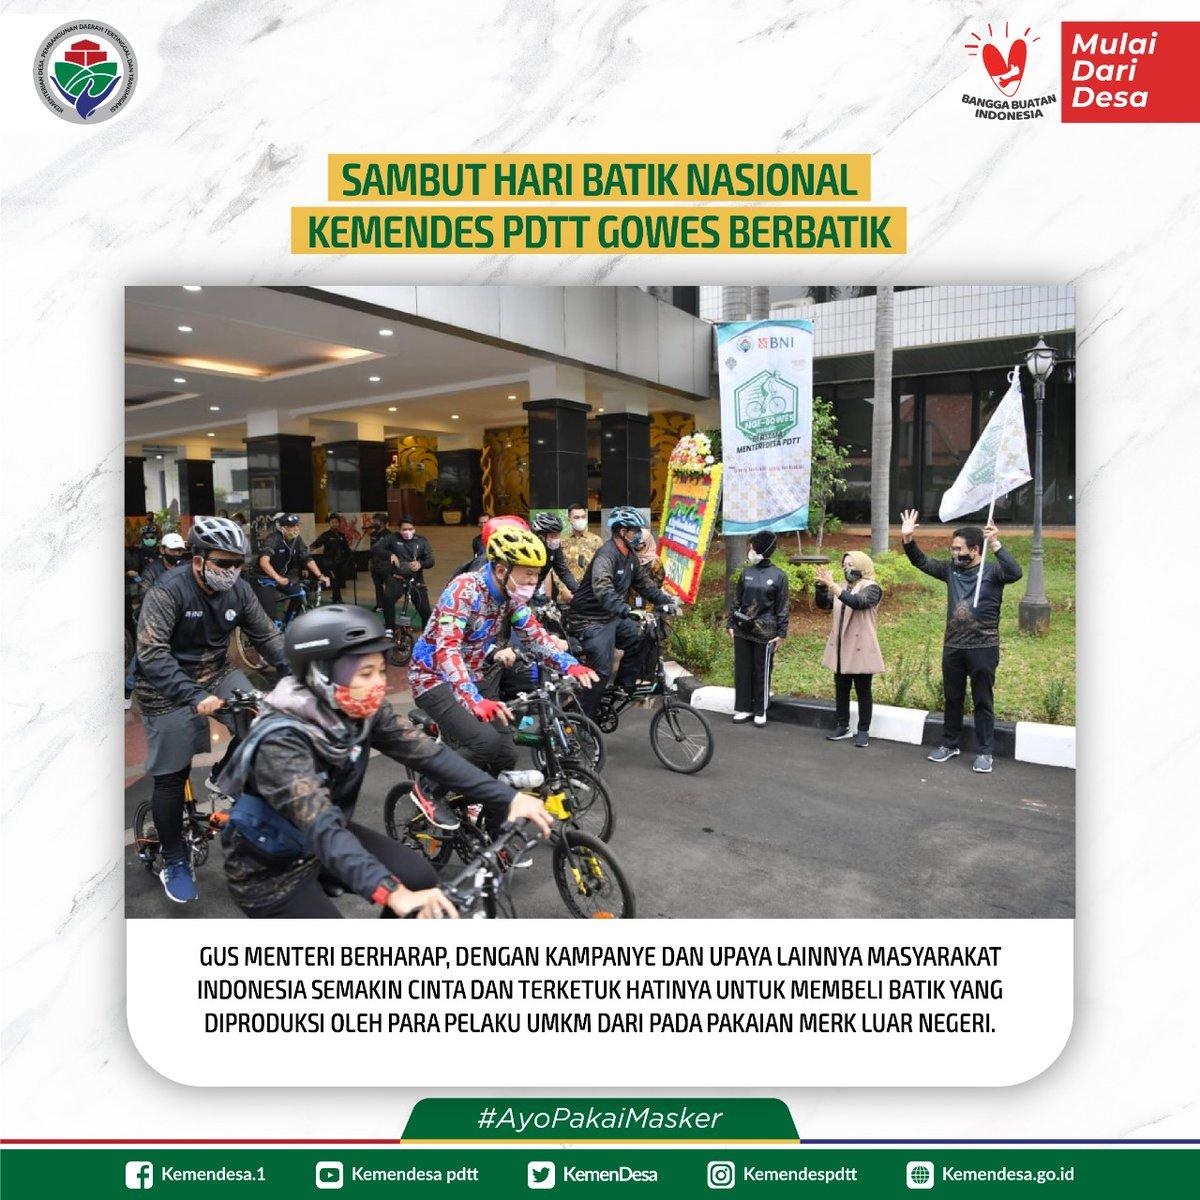 Kemendes PDTT menggelar acara olahraga bersepeda atau Gowes sekaligus dalam rangka menyambut Hari Batik Nasional yang jatuh pada 2 Oktober.  #BanggaBuatanIndonesia #ExploreDesa #DesaBisa #MulaiDariDesa #KemendesPDTT https://t.co/ZQliwbtp3l